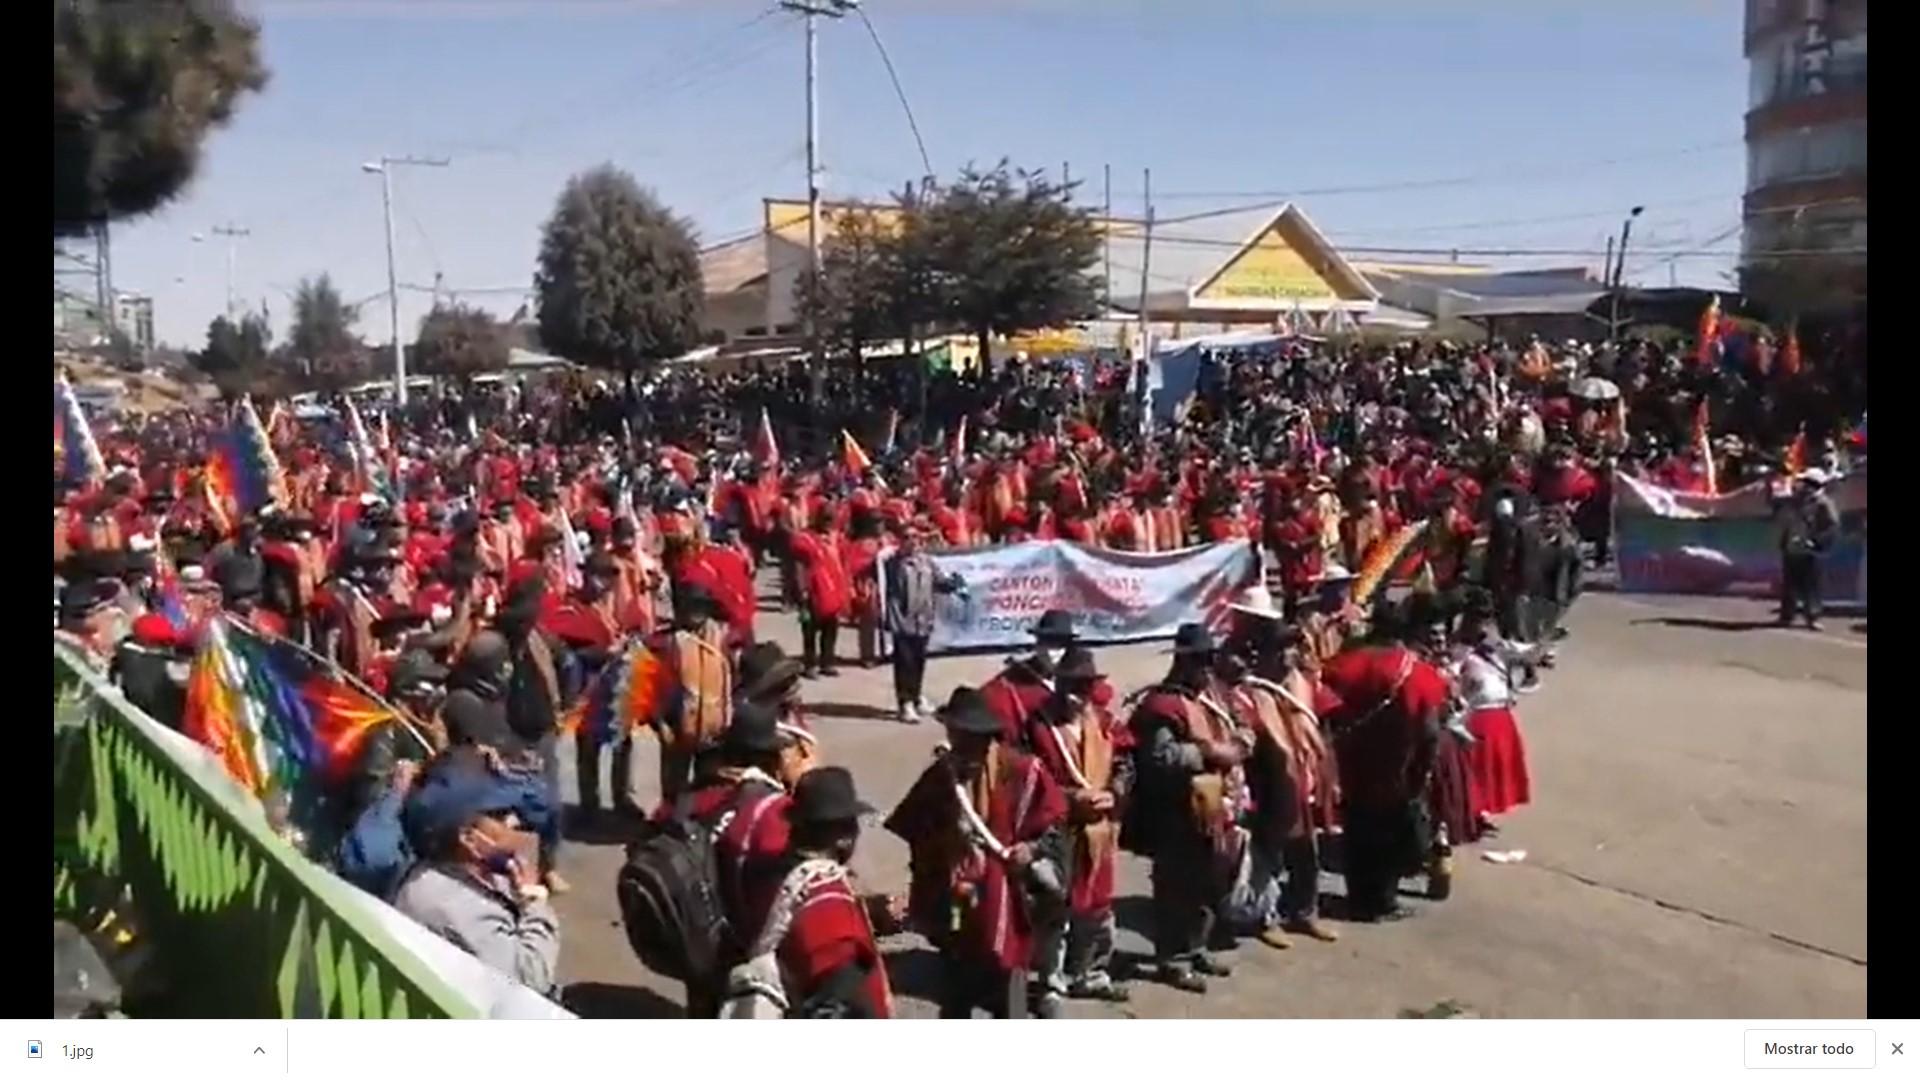 Gran marcha de protesta por la salud, la educación, la economía, los respidos masivos, rebajas salariales y postergación de las elecciones nacionales